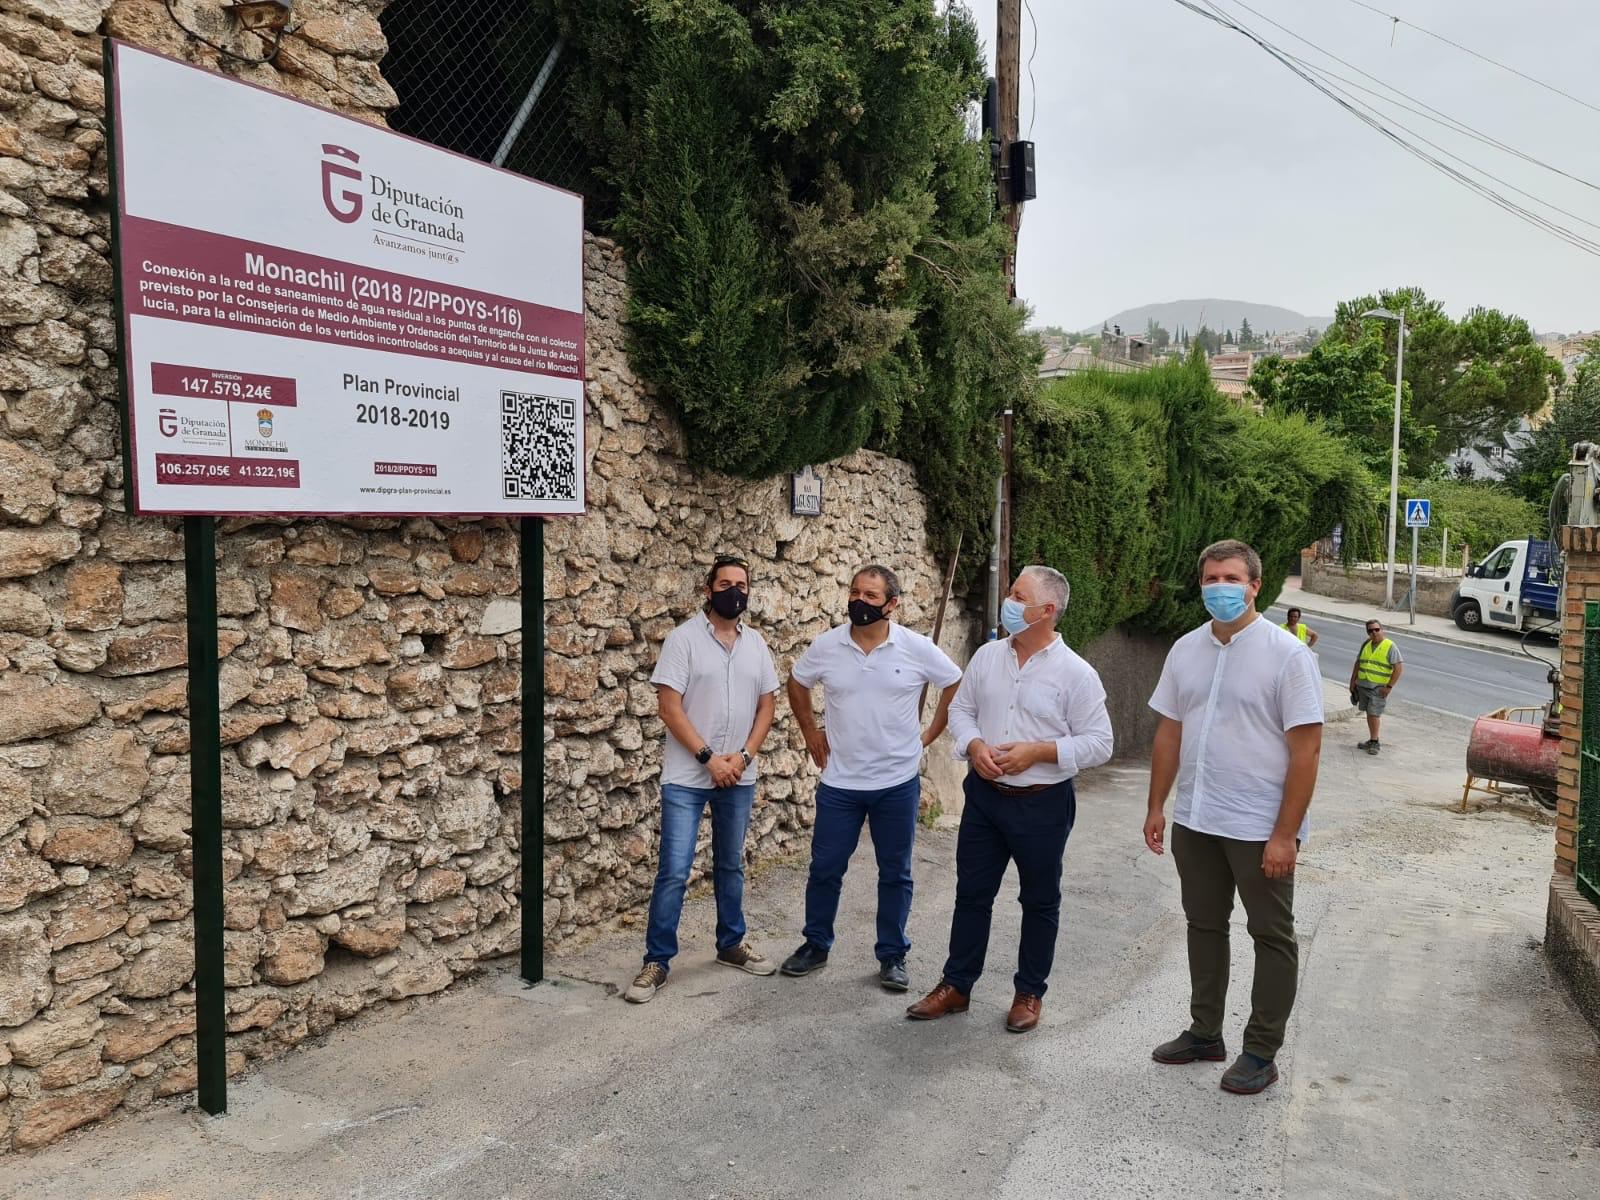 Destinan 1,4 millones para recuperar espacios públicos y regenerar el casco histórico de Monachil